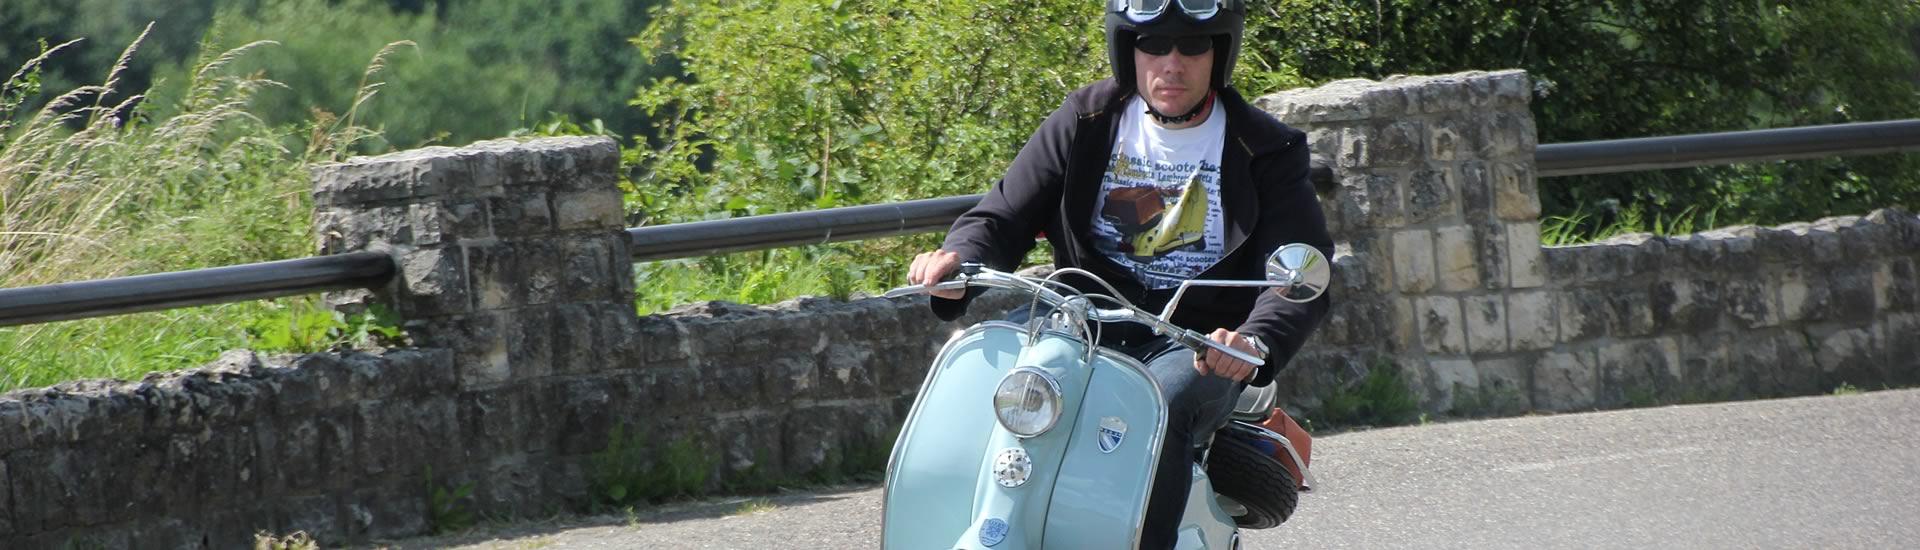 Scooterrijbewijs Service Limburg